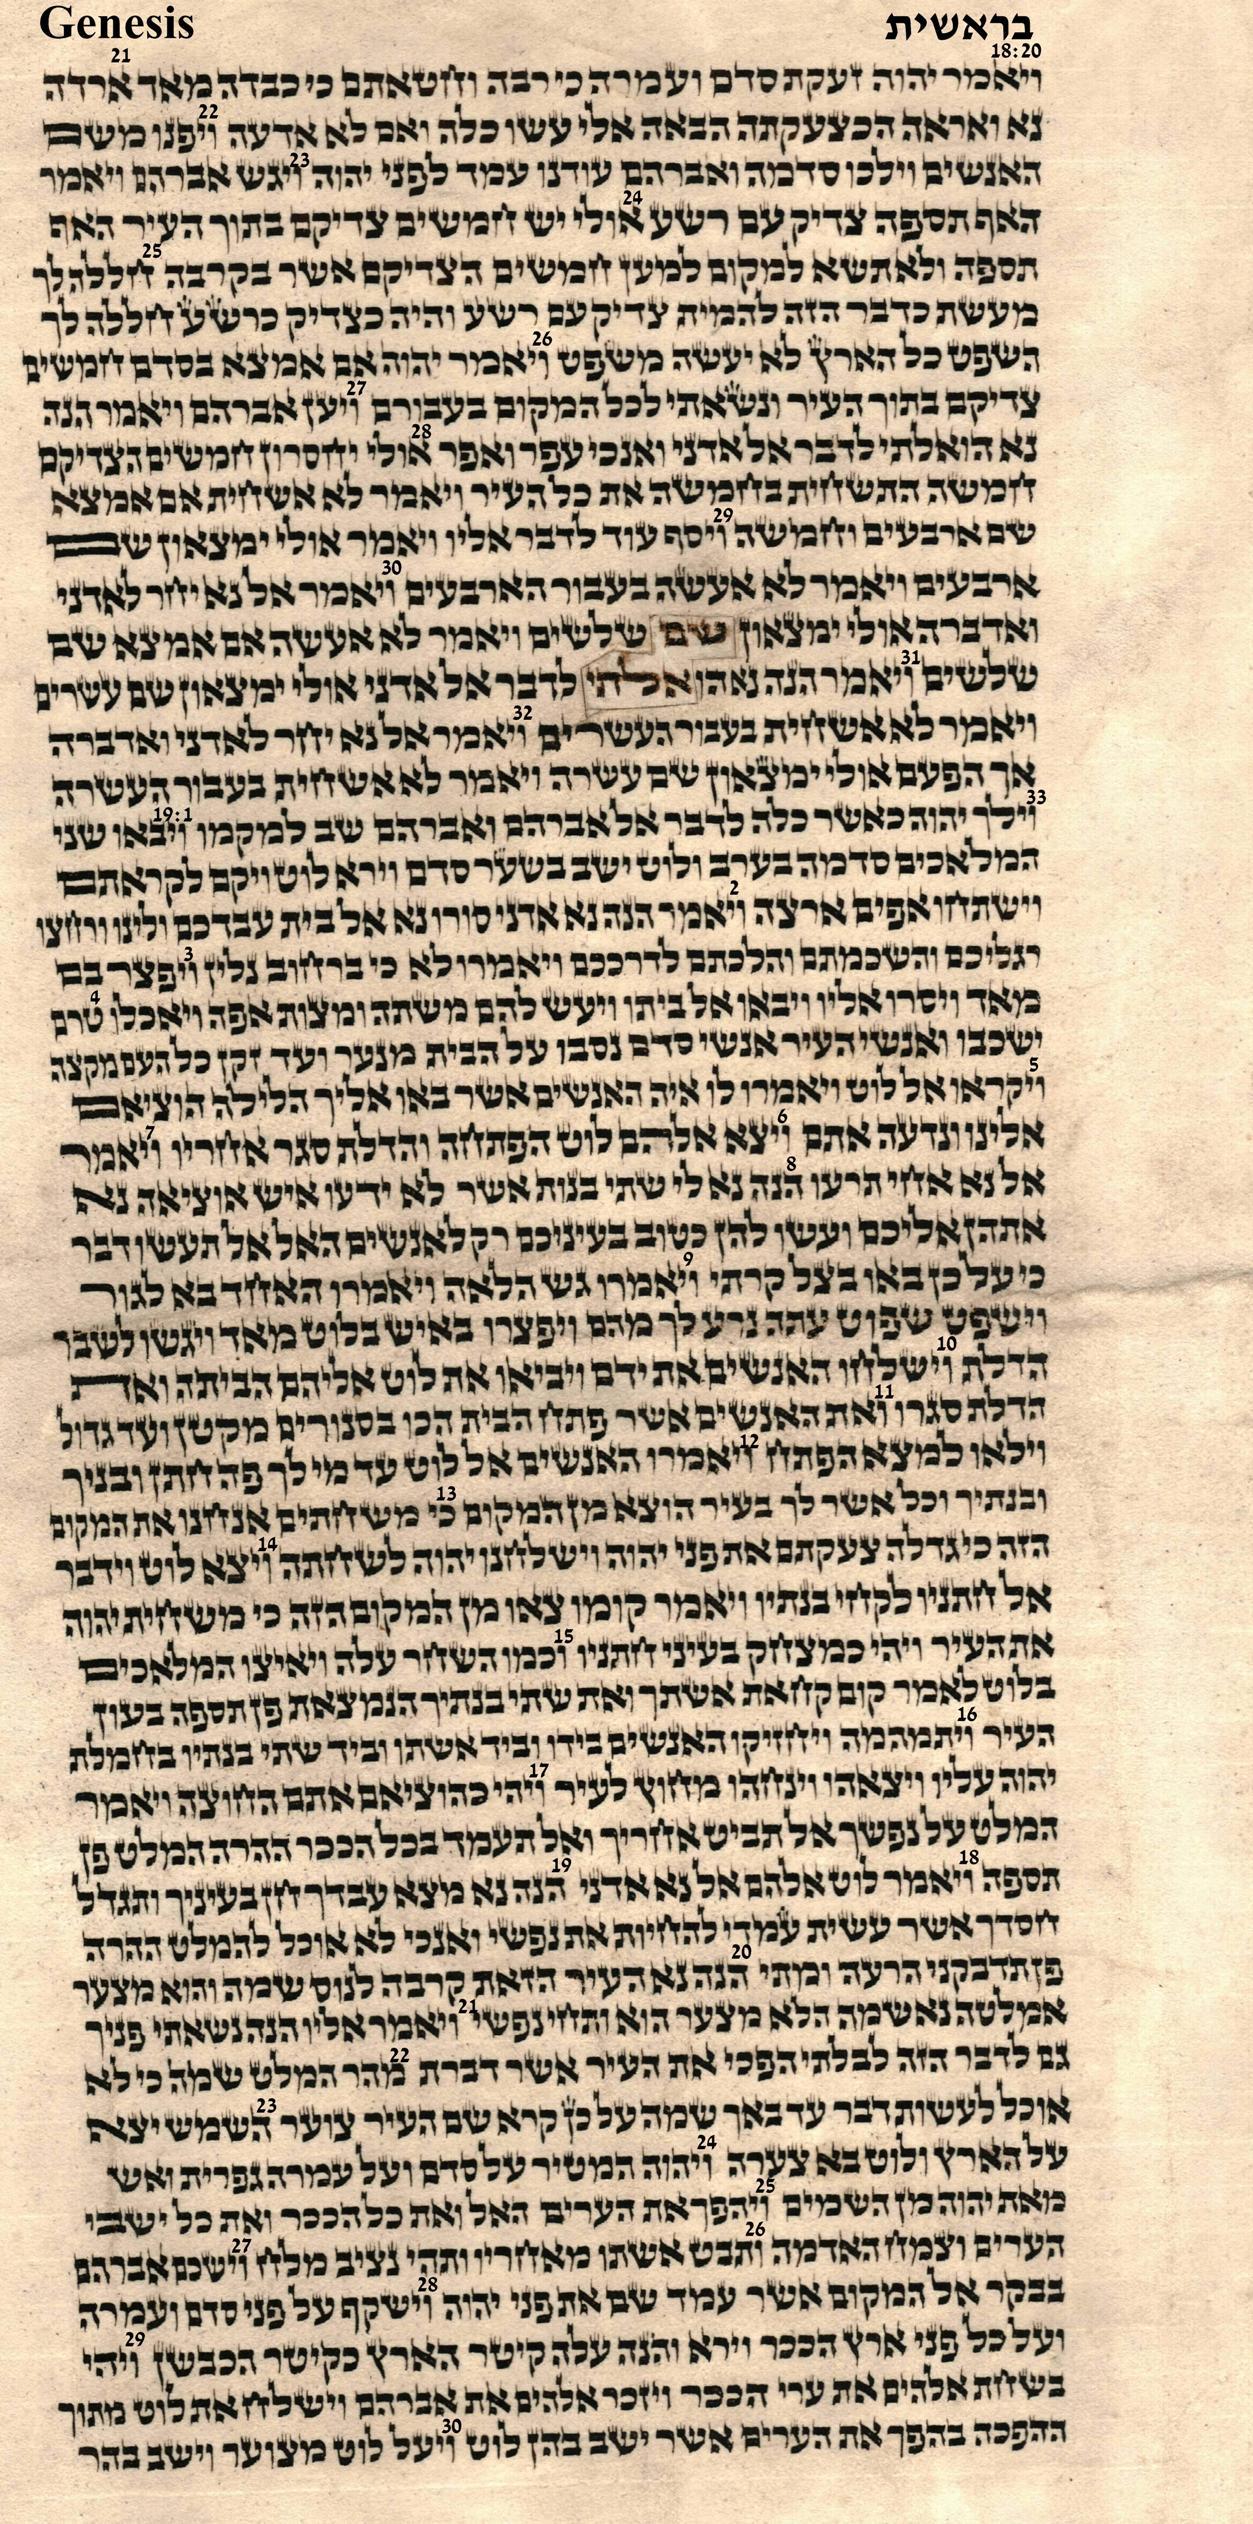 Genesis 18.20 - 19.30